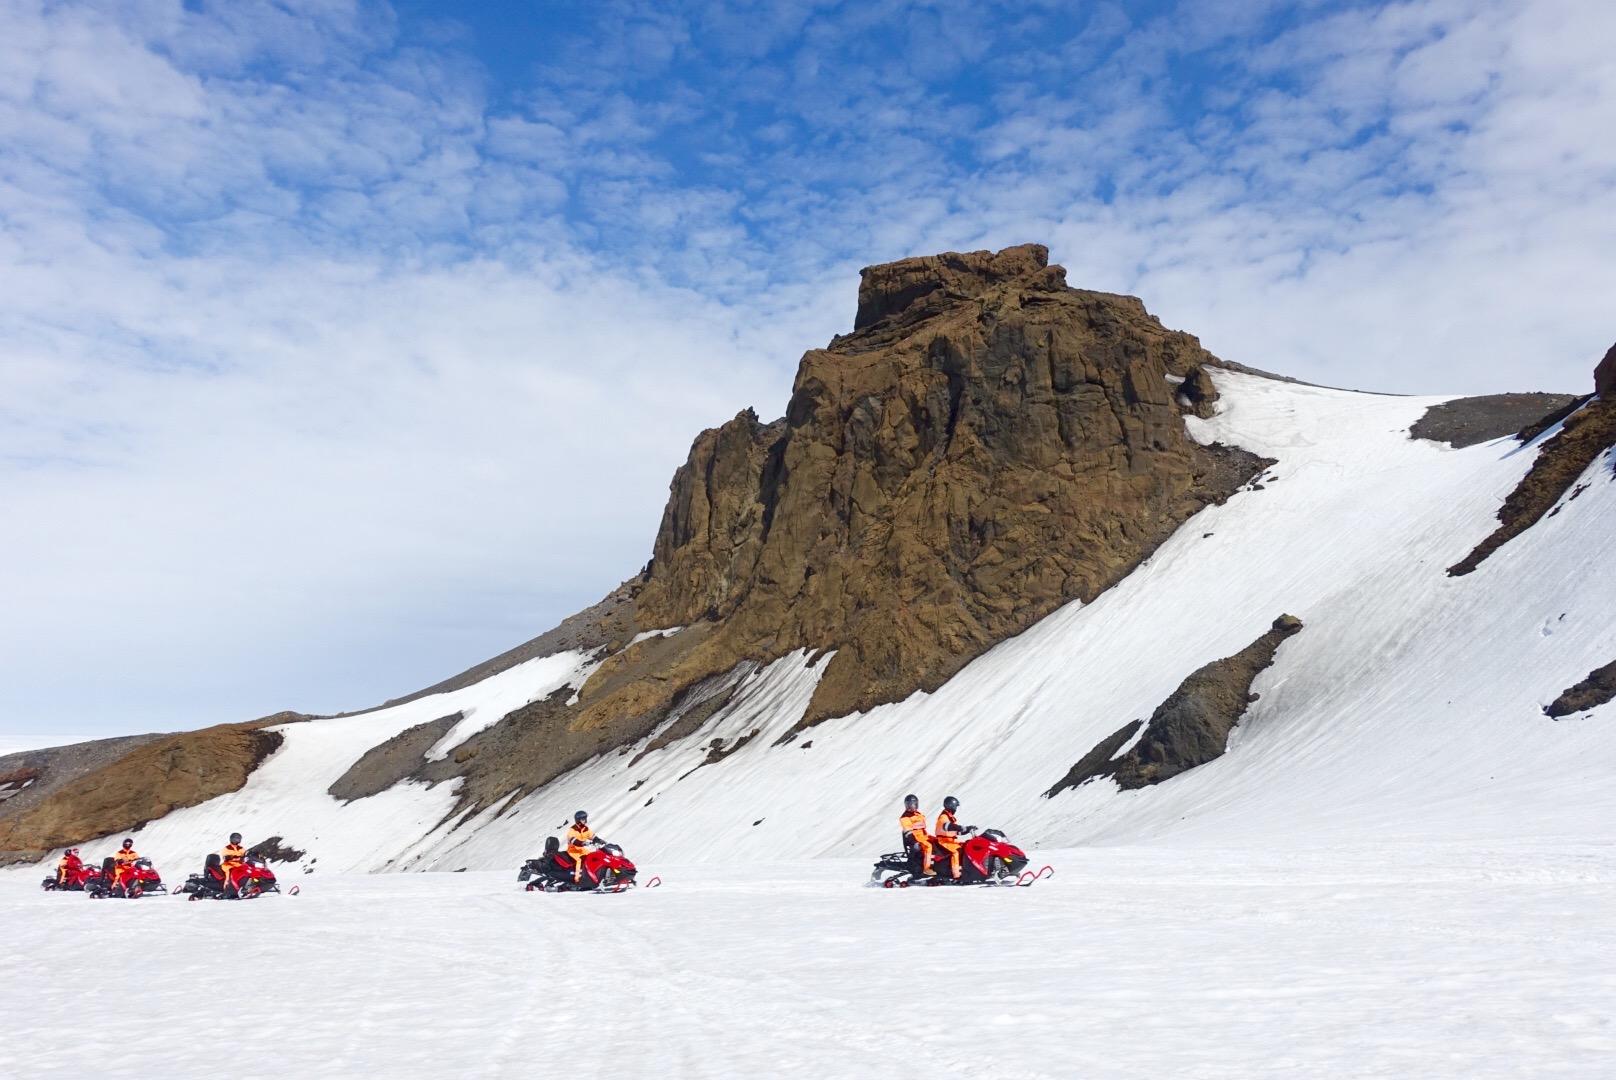 参加这个冬季4日探险游,您有机会在冰岛第二大冰川——朗格冰川上,体验雪地摩托的刺激